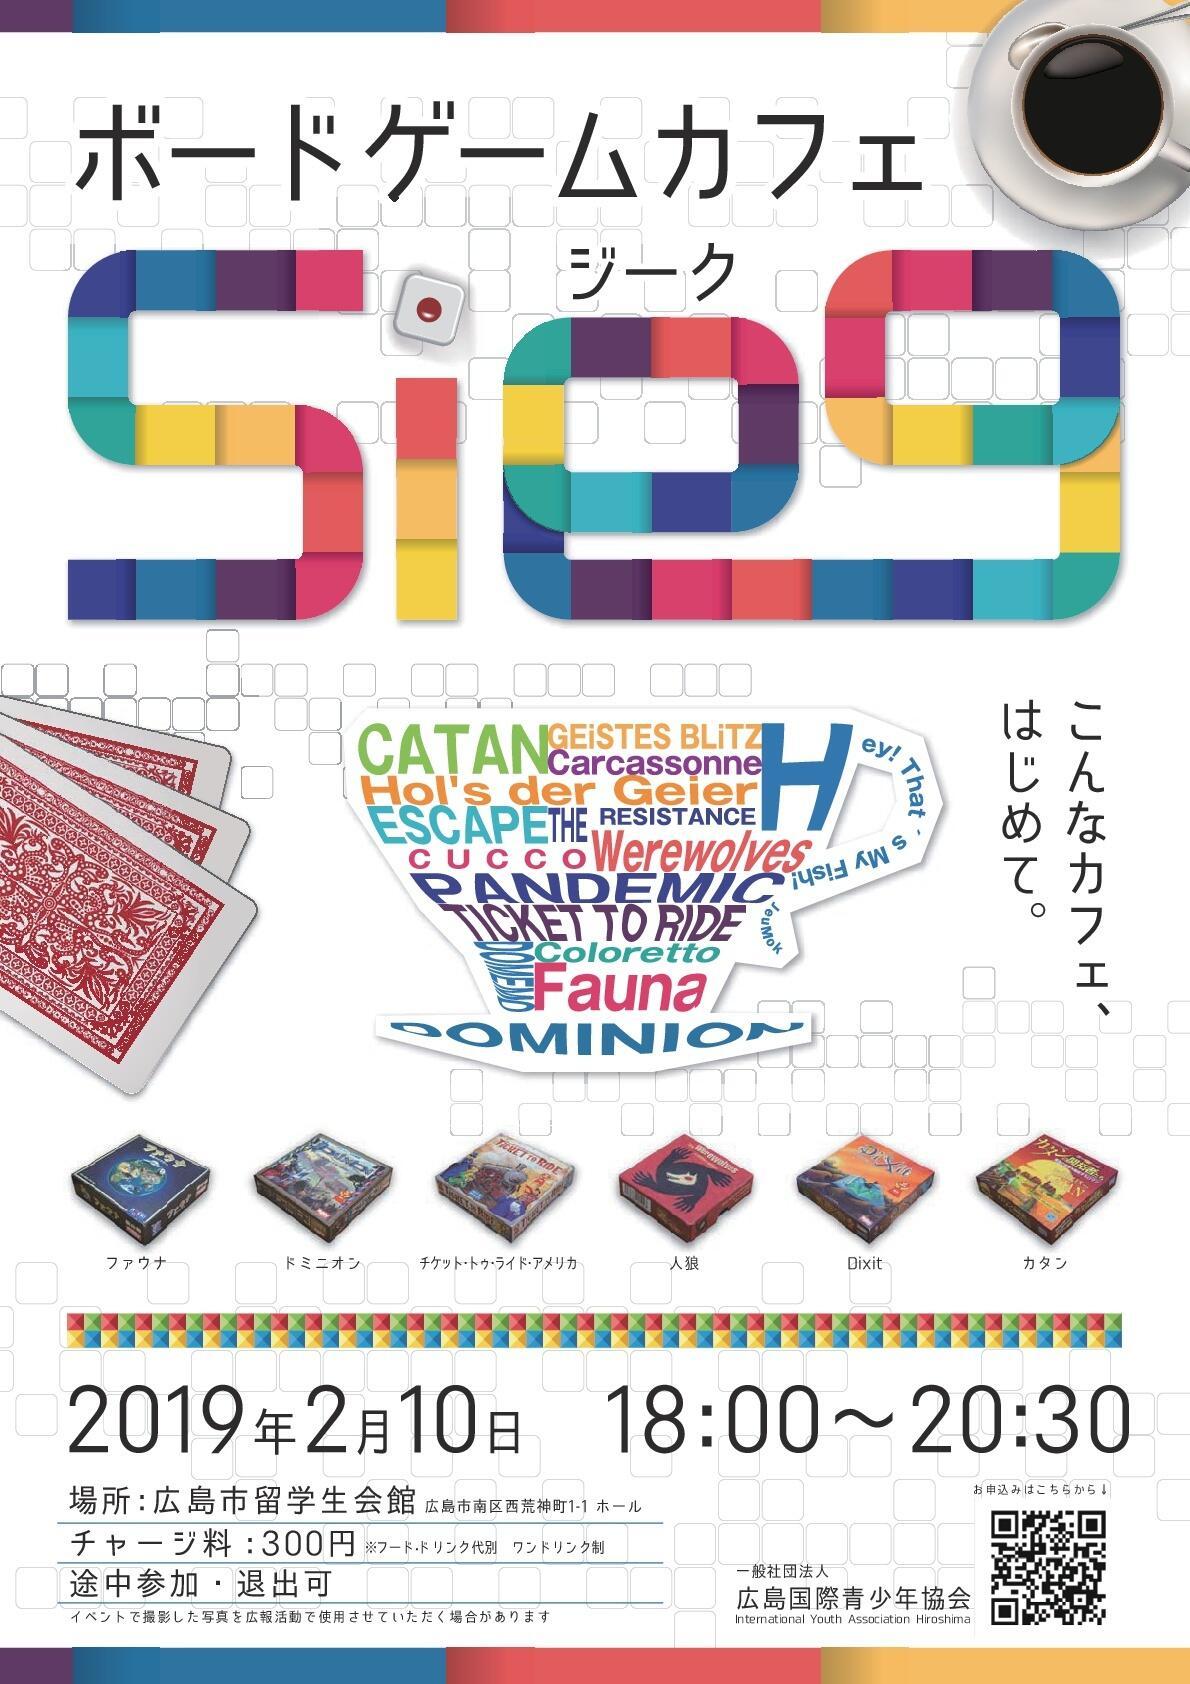 ボードゲームカフェ「ジーク」Open!【IYAH〜サマースクール実行委員会〜】